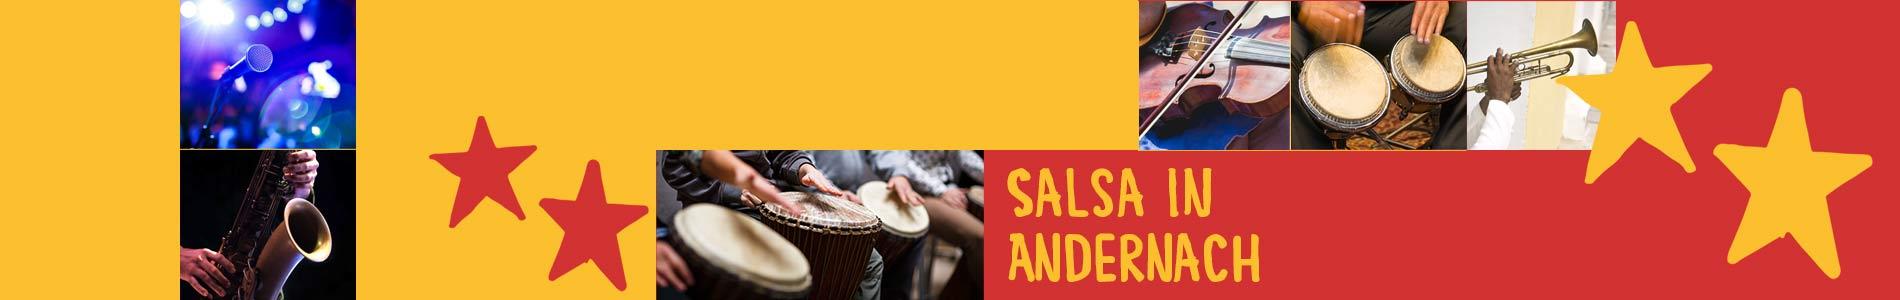 Salsa in Andernach – Salsa lernen und tanzen, Tanzkurse, Partys, Veranstaltungen